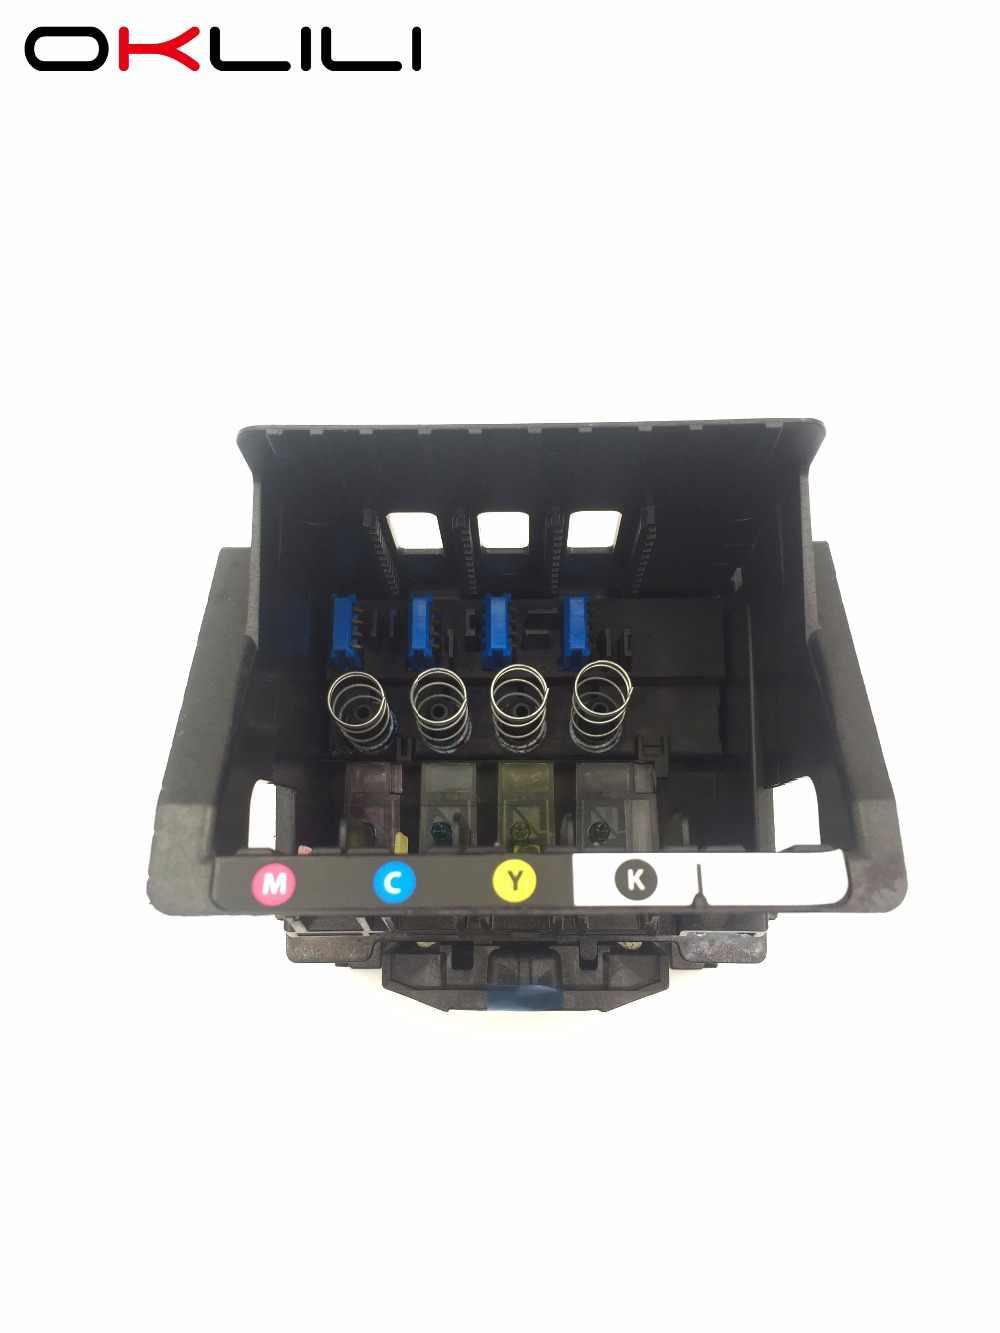 CM751-80013A 950 951 950XL 951XL ORIGINAIS da cabeça de Impressão Da Cabeça De Impressão para HP Pro 8100 8600 8610 8620 8625 8630 8700 251DW 251 276 276DW